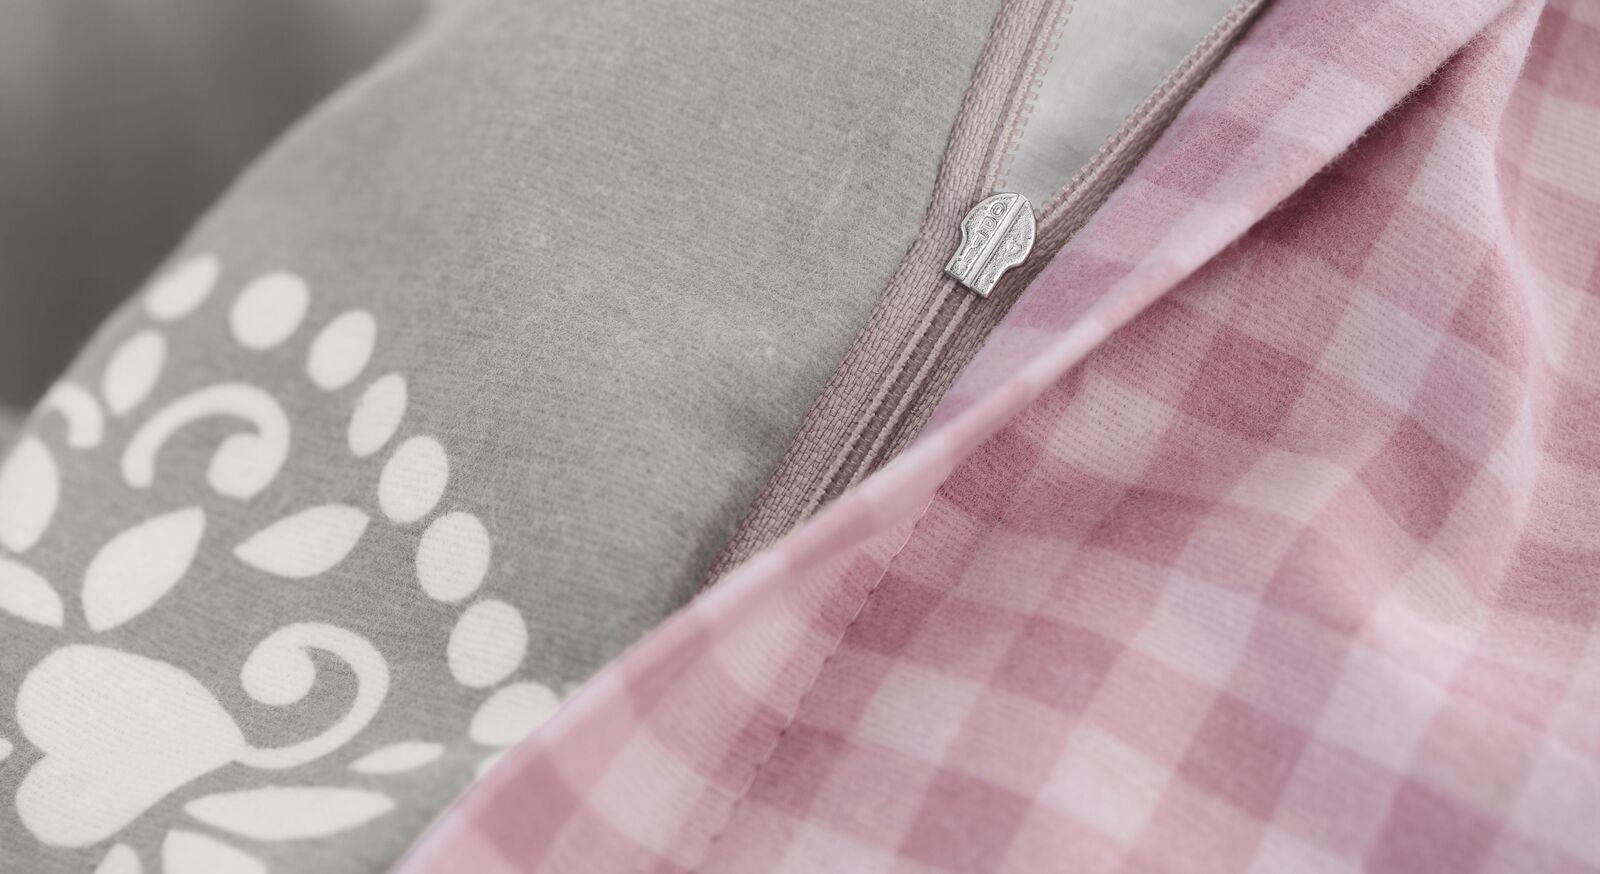 Stilvolle Feinflanell-Bettwäsche im Landhausflair inklusive Reißverschluss